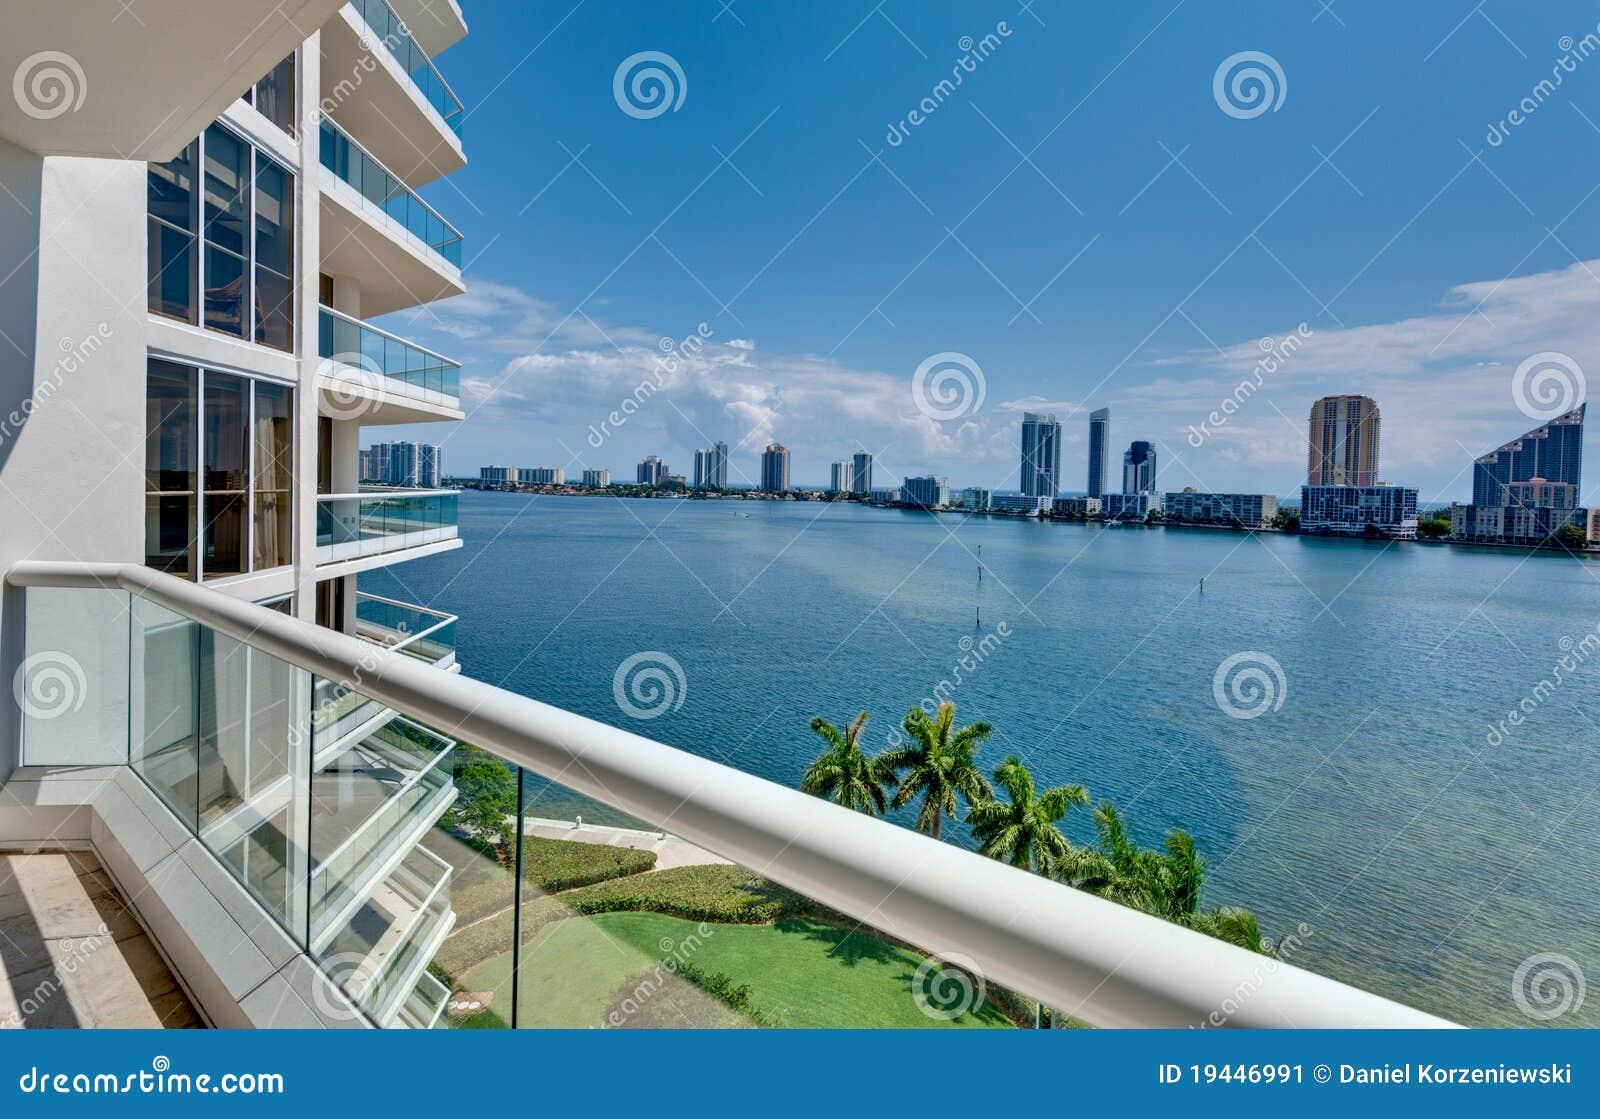 Miami Beach Balcony